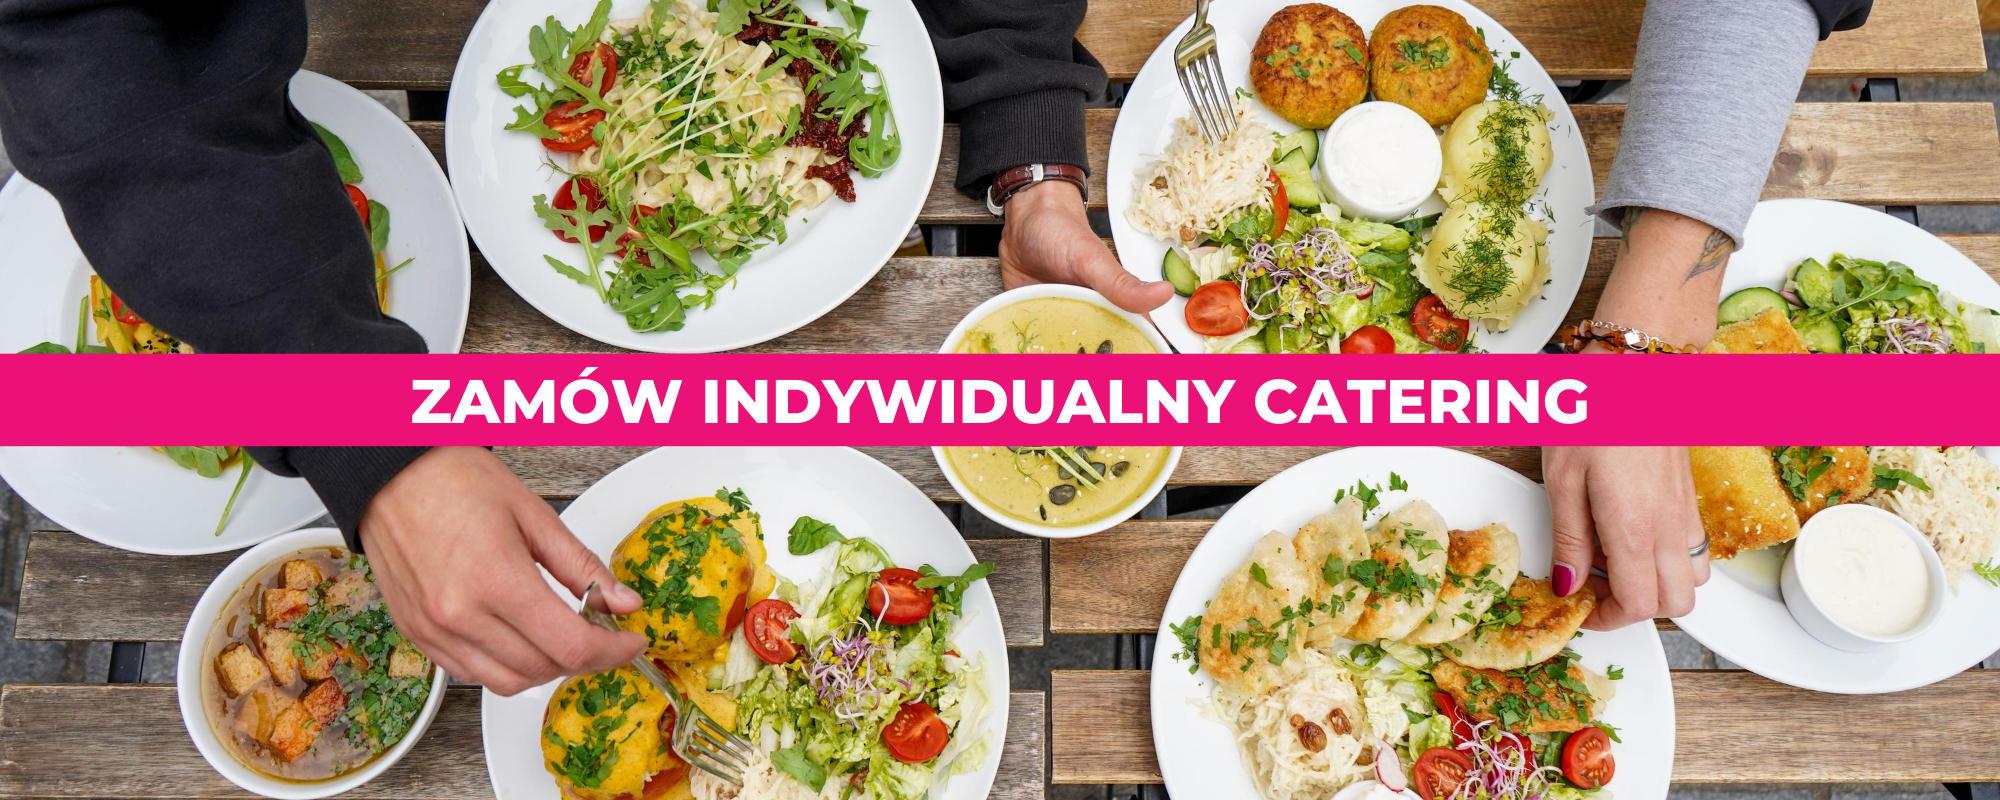 Zamów catering indywidualny do domu